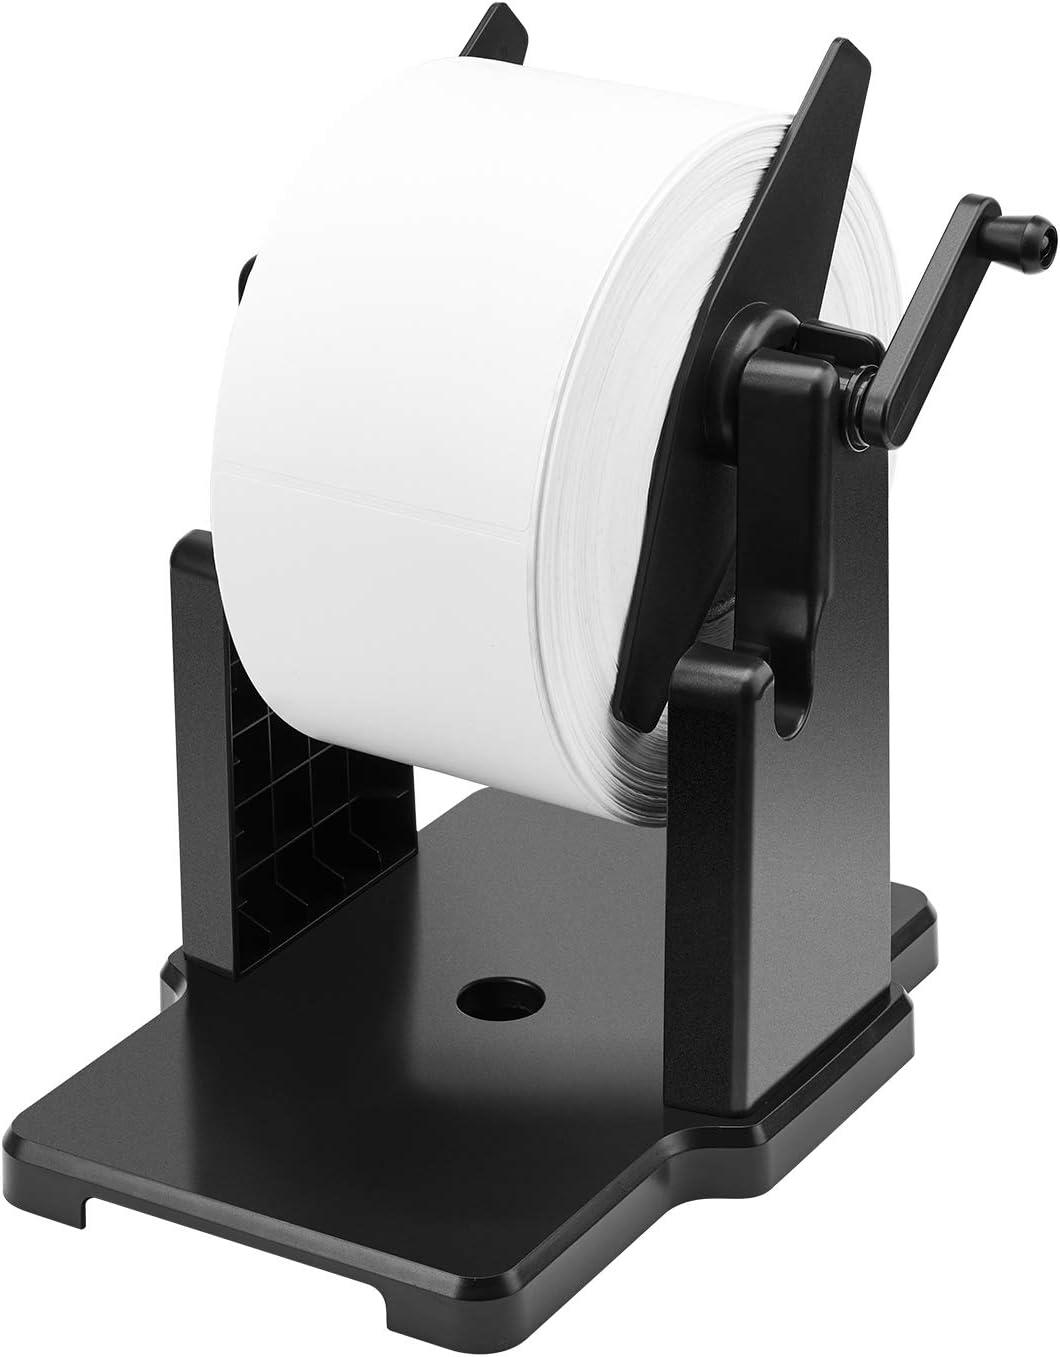 MUNBYN External Rolls Label Holder, 2 in 1 Fan-Fold Stack Paper Holder for Desktop Thermal Label Printer